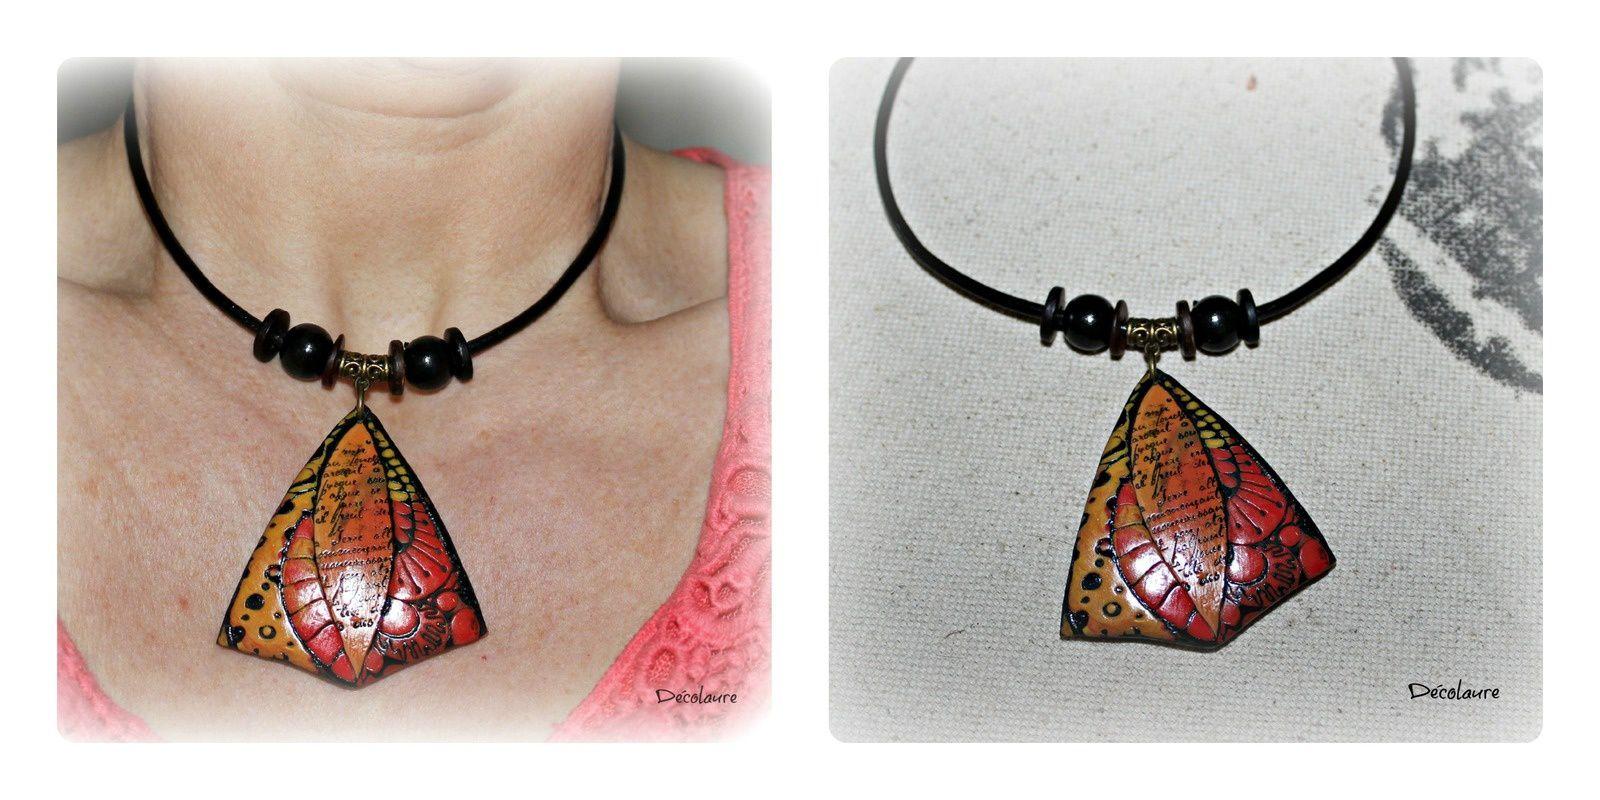 Bague  en  verre  avec perles de rocailles et fimo  à l 'intérieur , pour ma fille , et collier pendentif style ethnique , déjà réservé ...